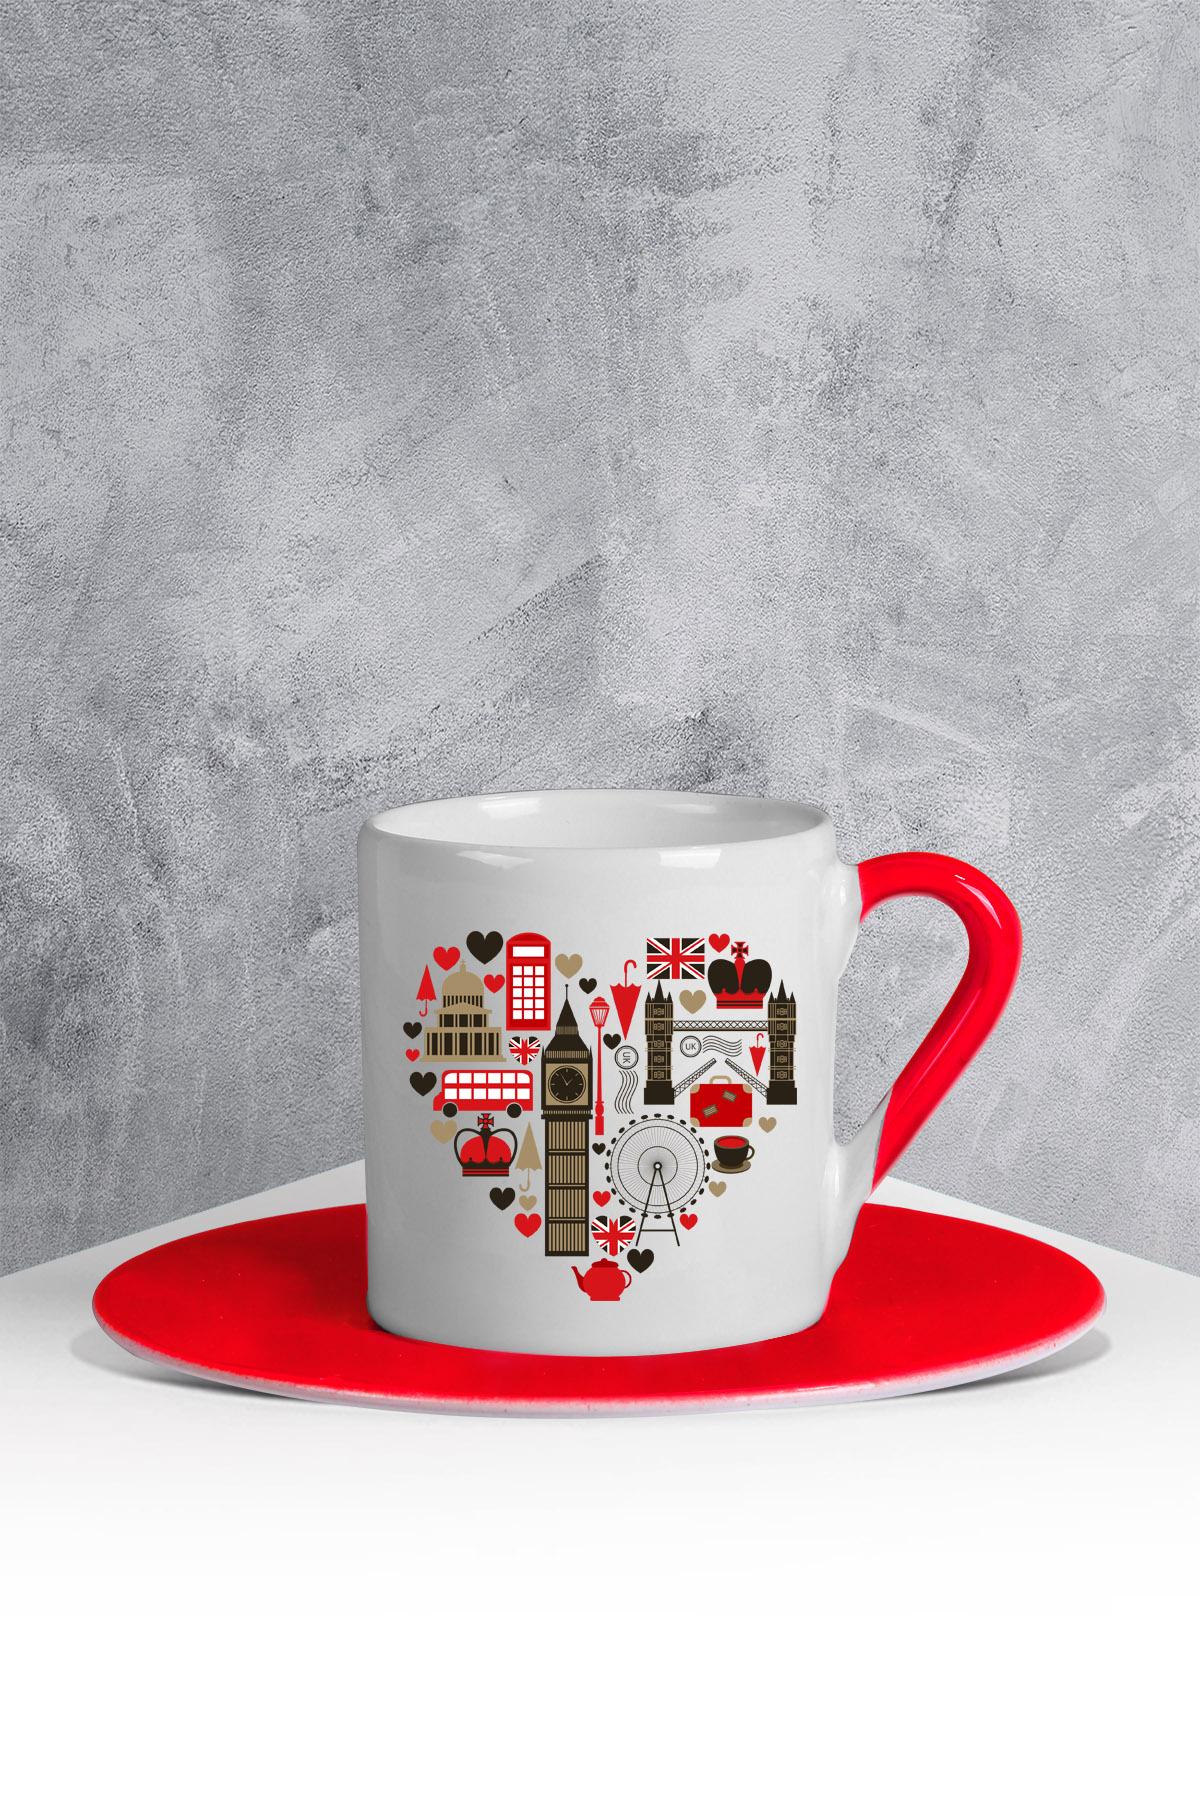 كوب قهوة أحمر أبيض بطبعة